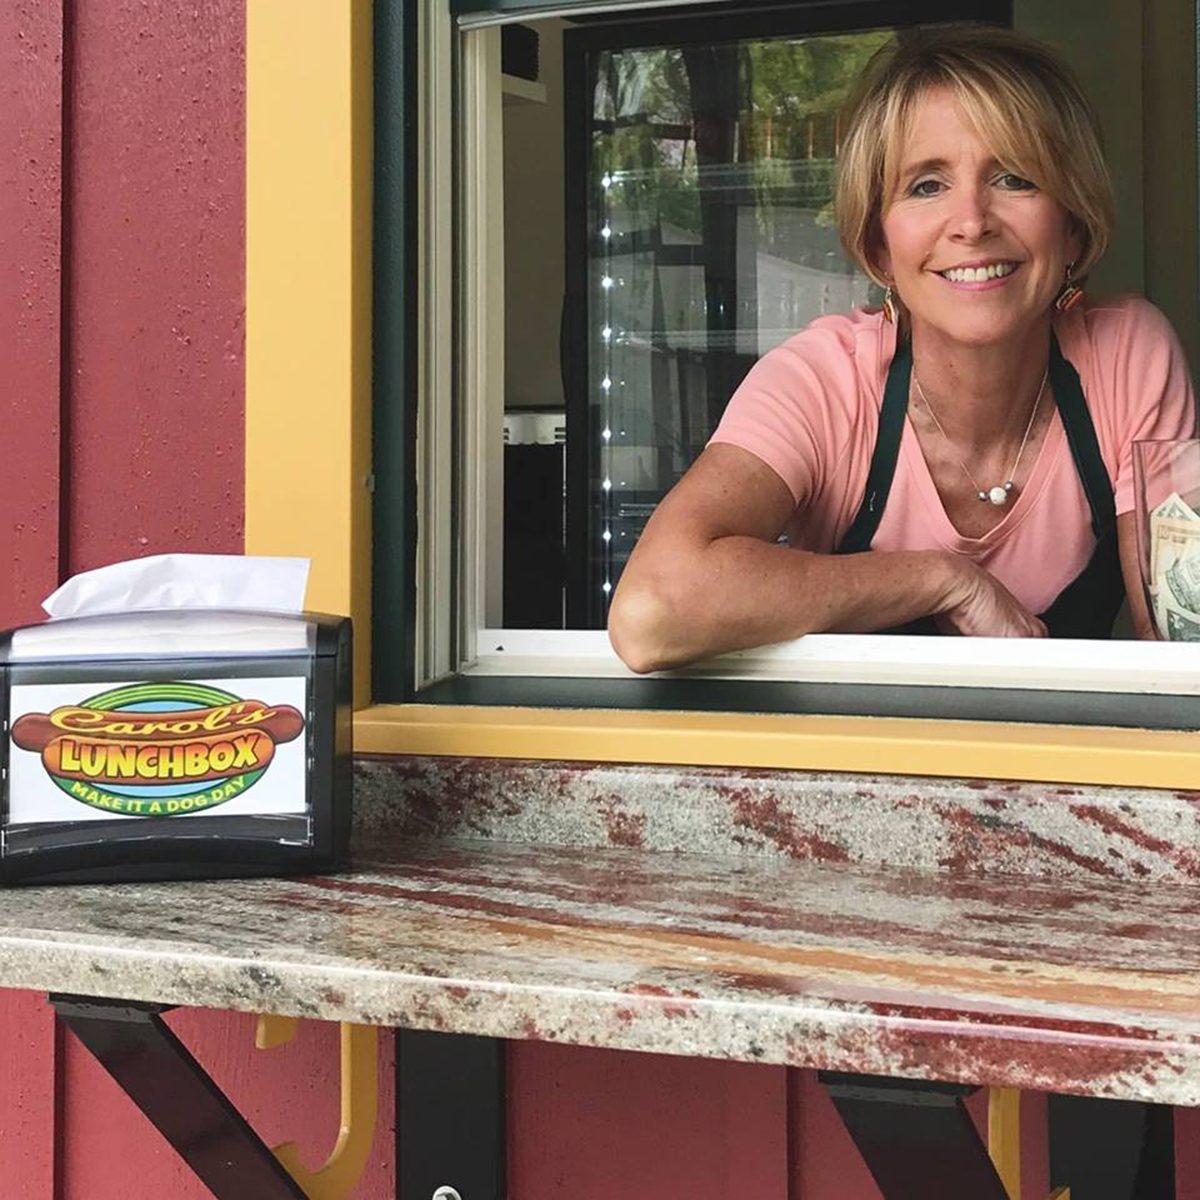 Carol's Lunchbox